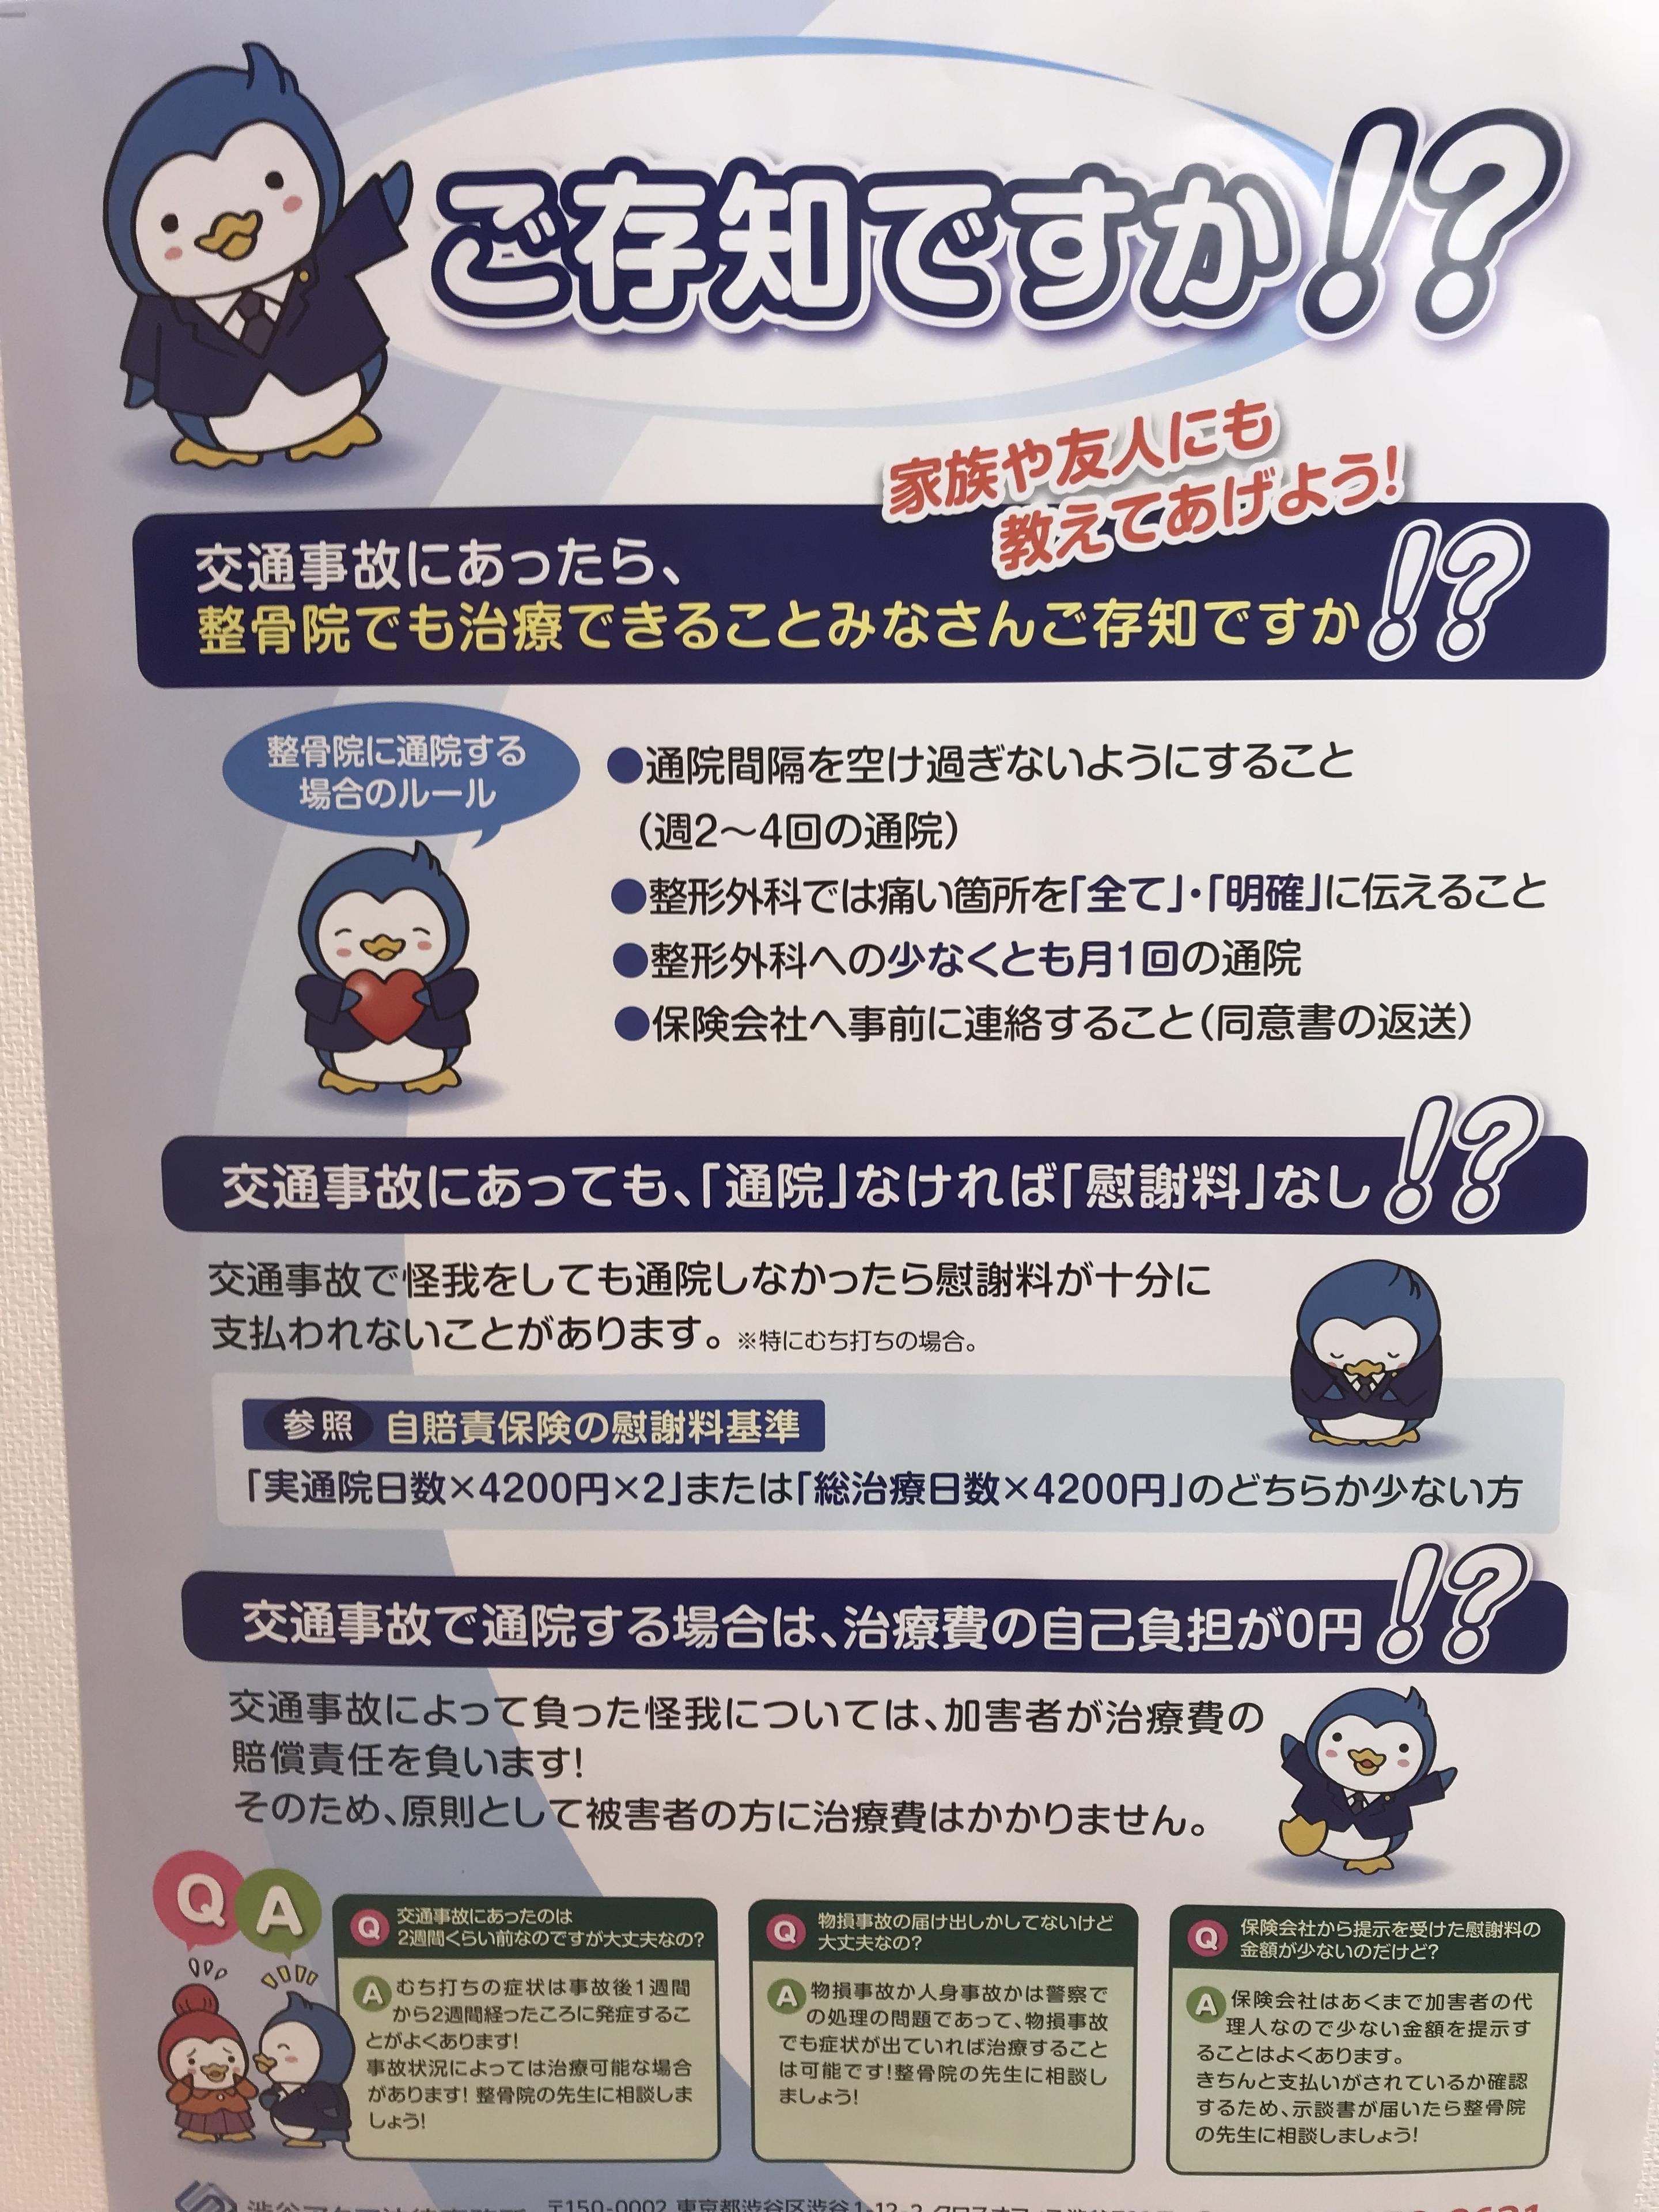 渋谷アクア法律事務所との協力